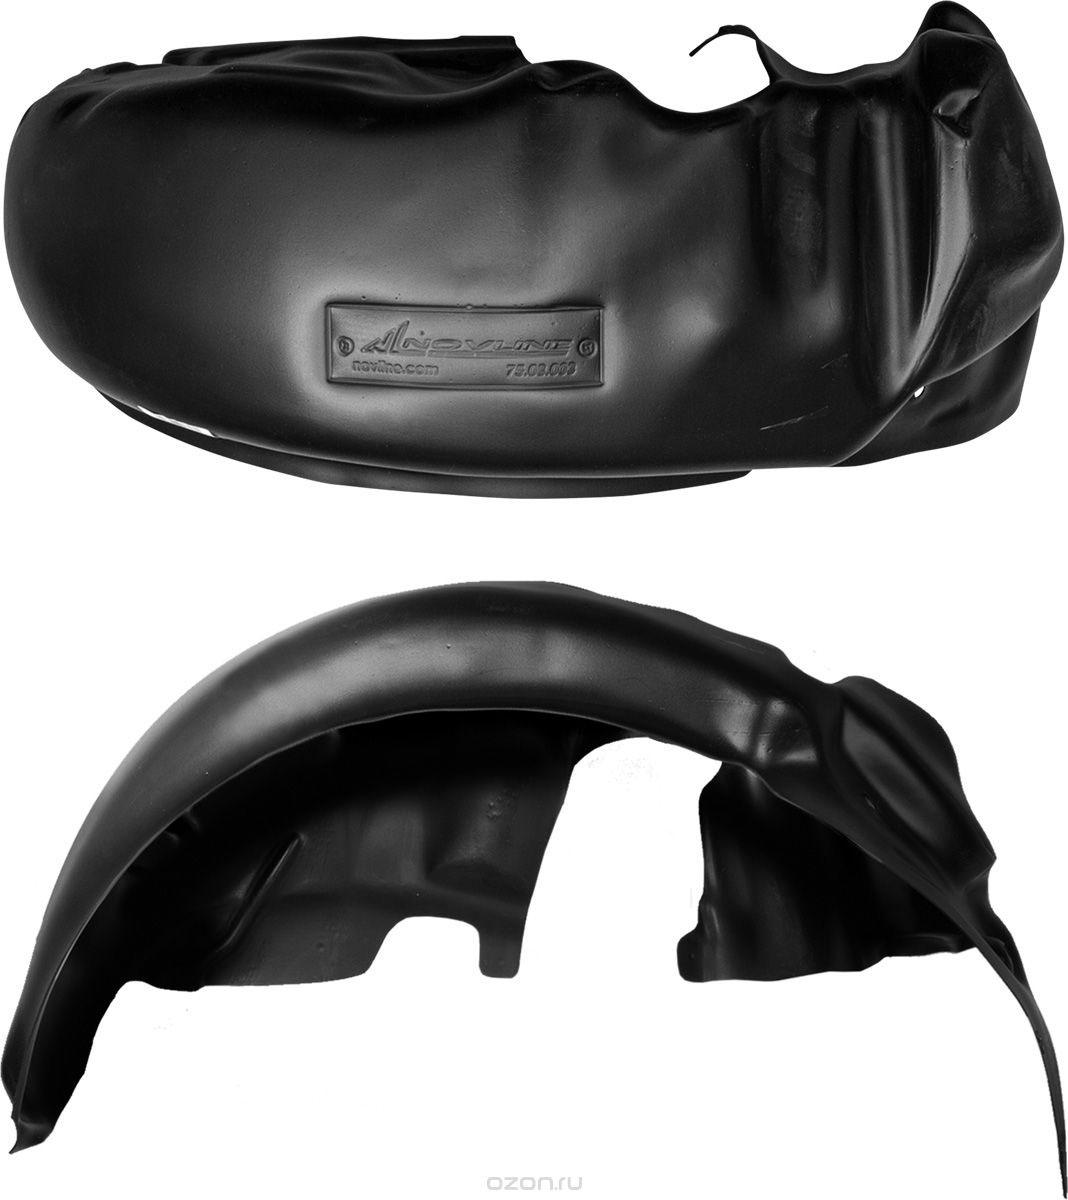 Подкрылок Novline-Autofamily, для DATSUN on-DO, 07/2014->, задний левыйTOTEM.94.01.003Идеальная защита колесной ниши. Локеры разработаны с применением цифровых технологий, гарантируют максимальную повторяемость поверхности арки. Изделия устанавливаются без нарушения лакокрасочного покрытия автомобиля, каждый подкрылок комплектуется крепежом. Уважаемые клиенты, обращаем ваше внимание, что фотографии на подкрылки универсальные и не отражают реальную форму изделия. При этом само изделие идет точно под размер указанного автомобиля.